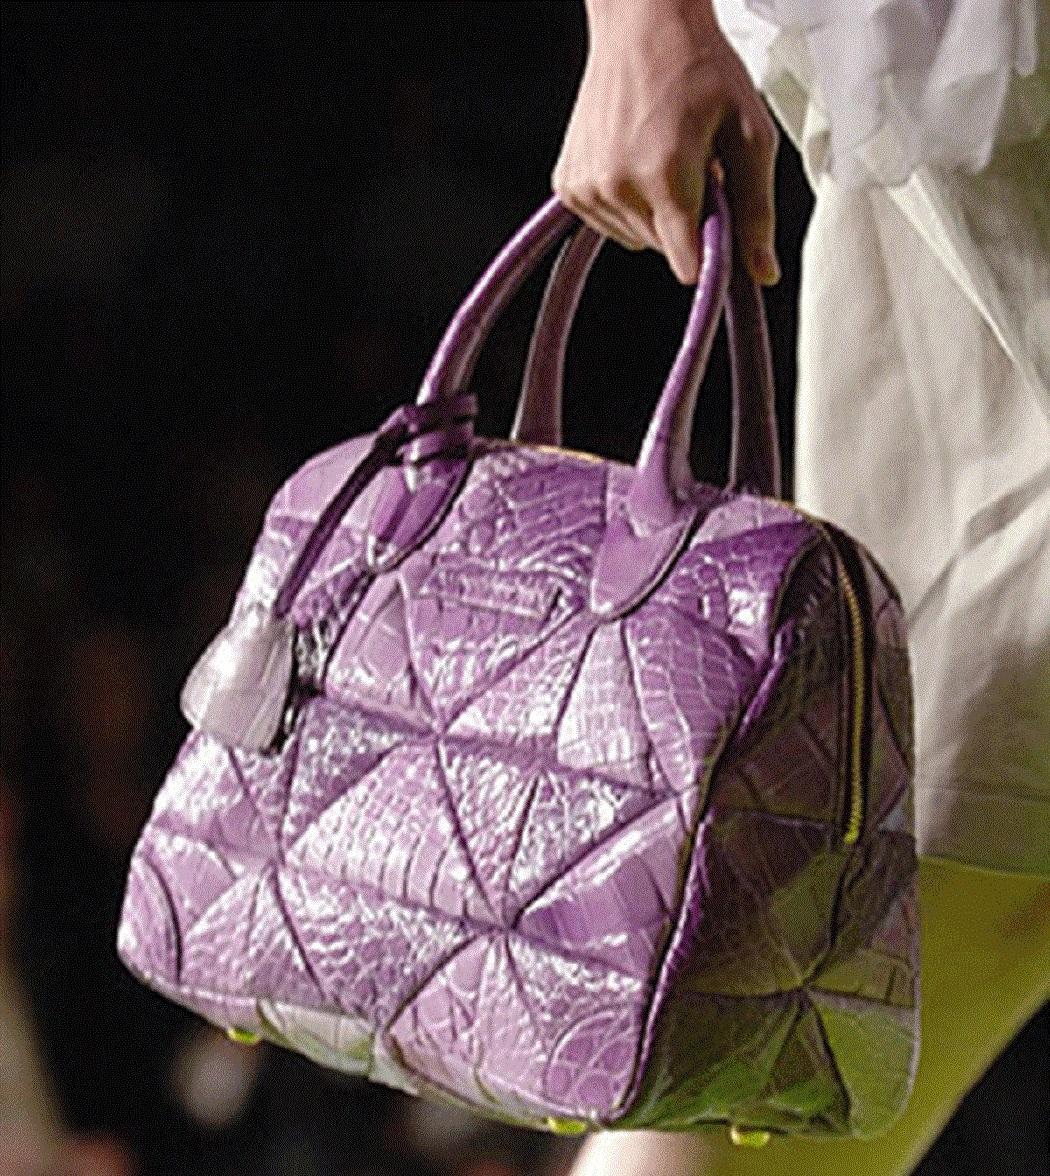 #10 Marc Jacobs Carolyn Crocodile Handbag - 38.000 de dolari